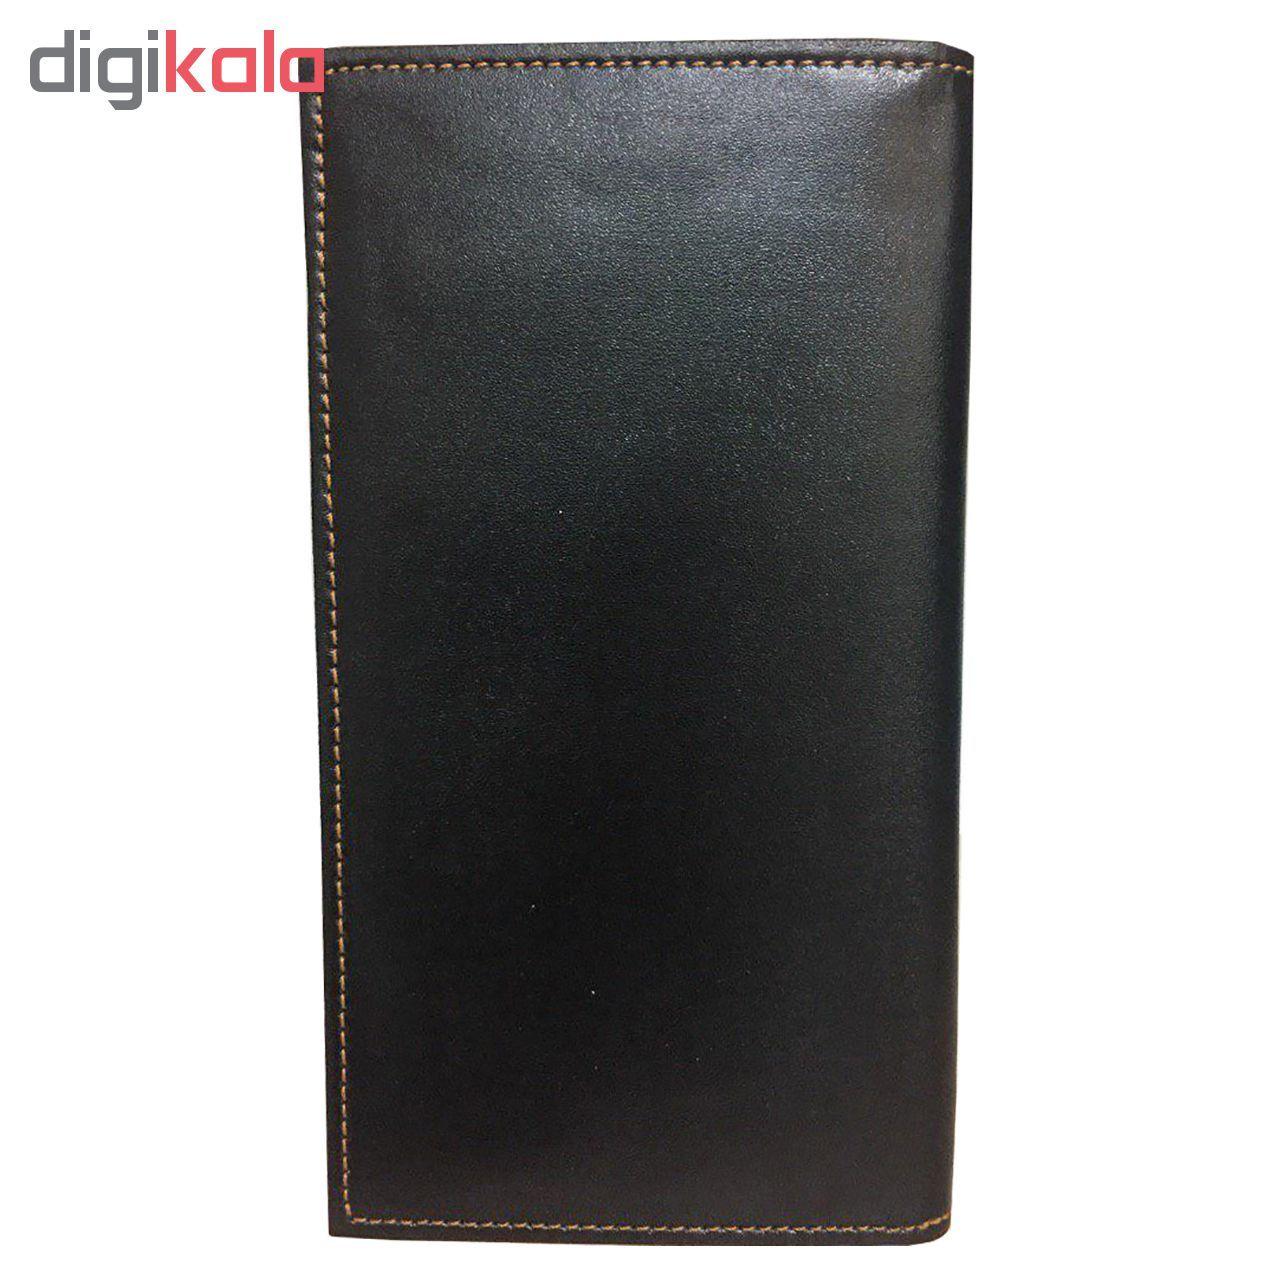 کیف پول مردانه رویال چرم کد M36 main 1 3